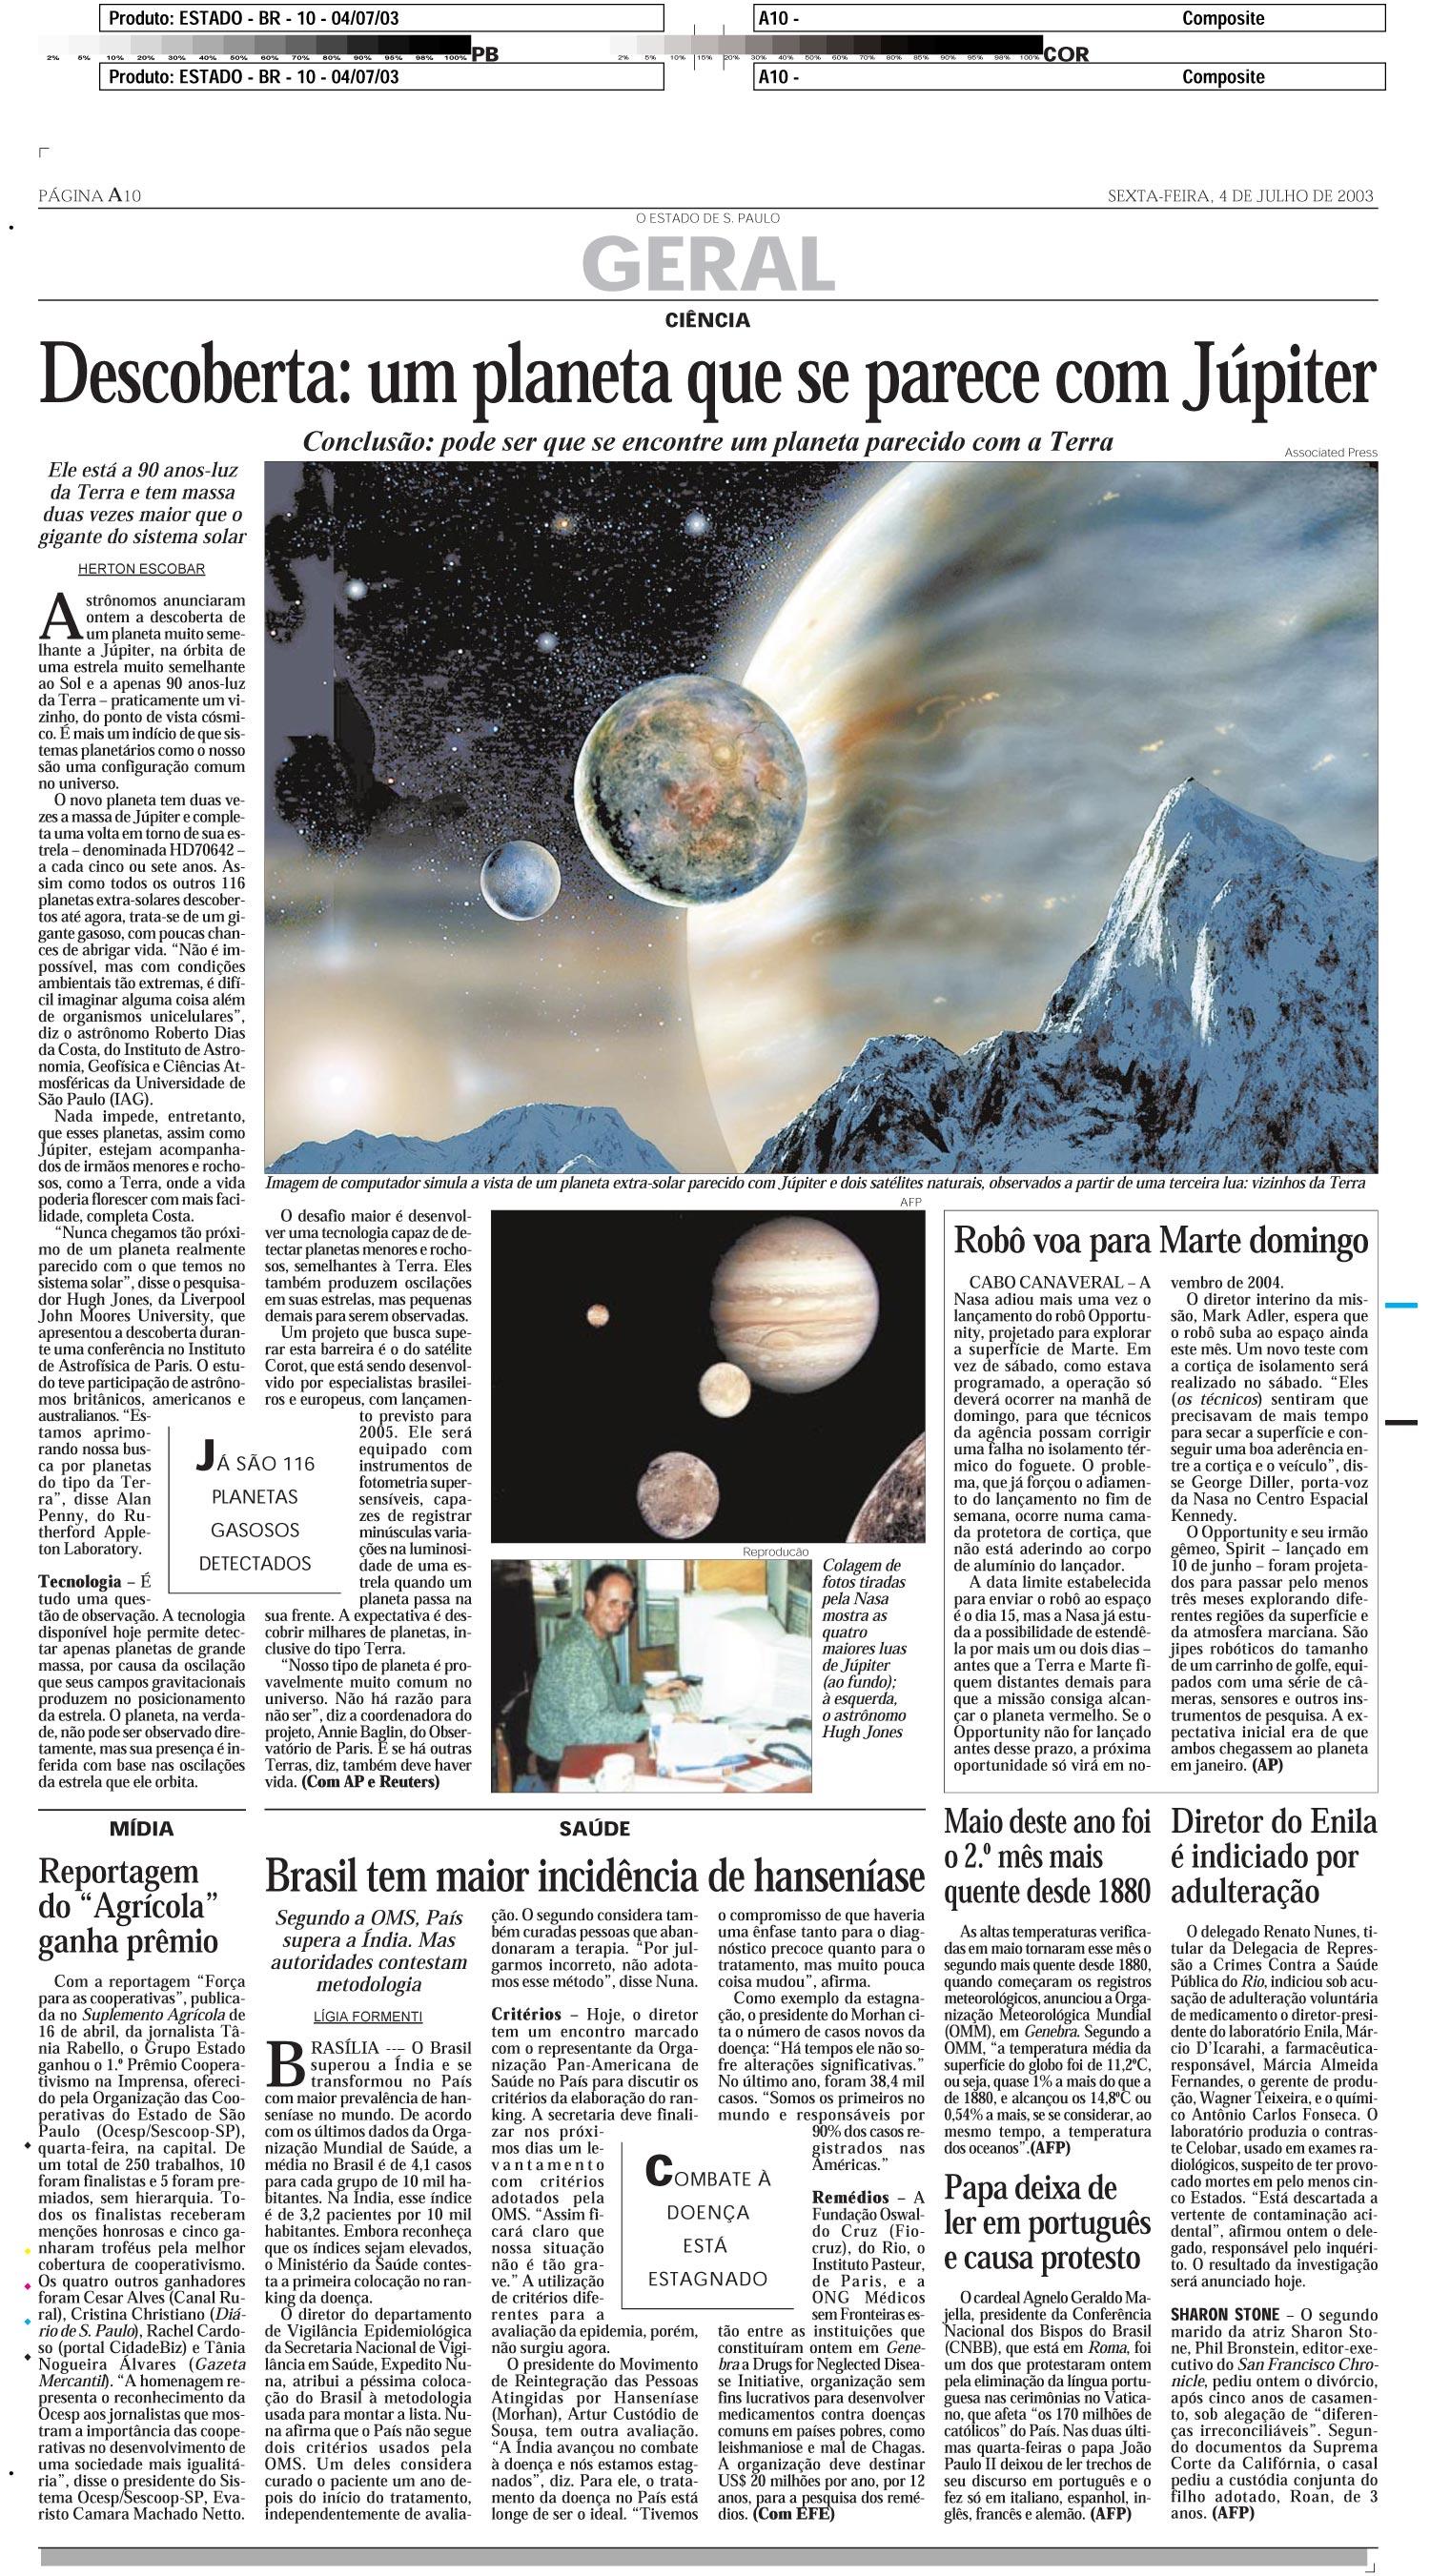 Descoberta: um planeta que se parece com Júpiter